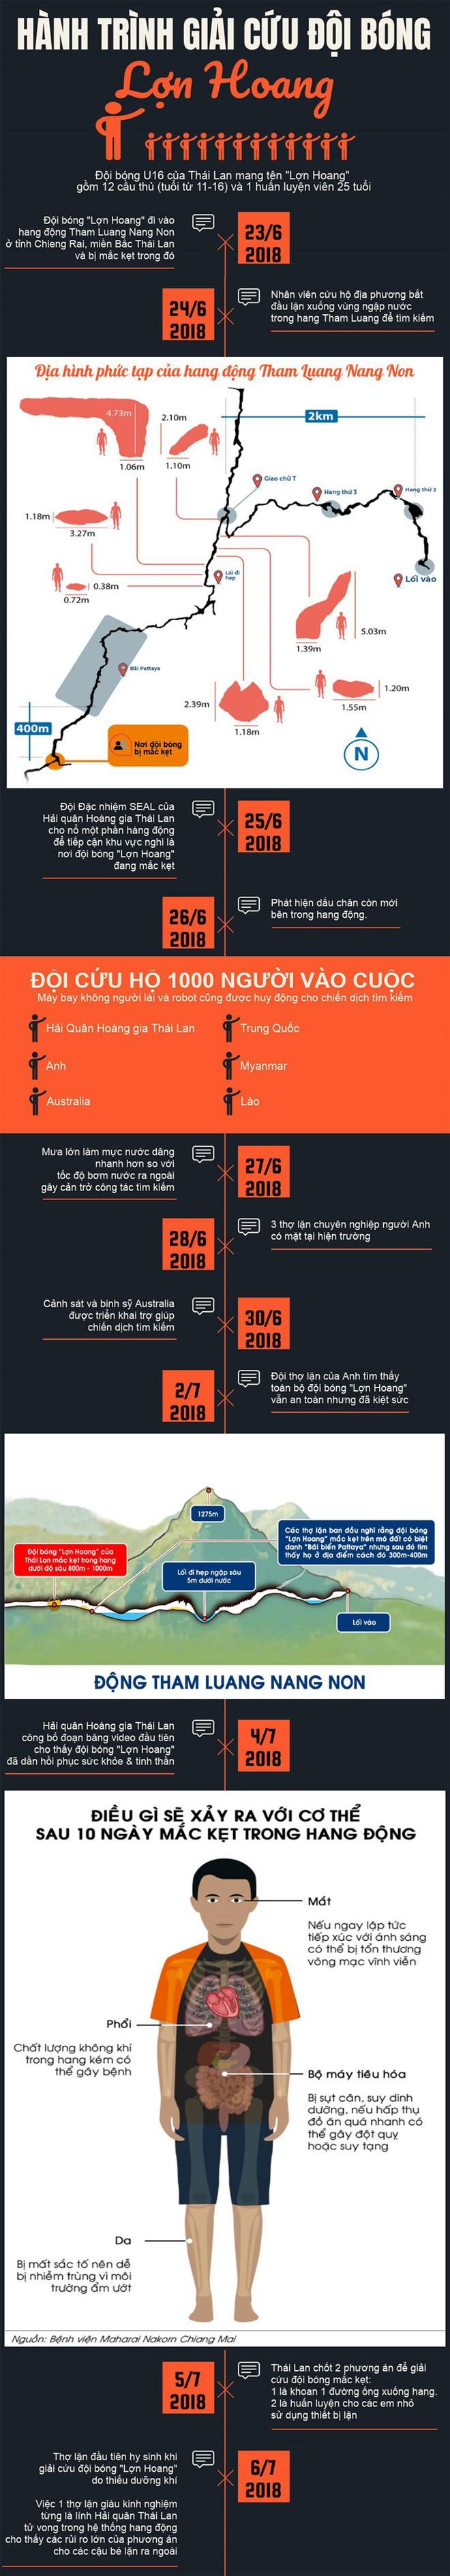 Infographic: Hành trình giải cứu đội bóng Thái Lan mắc kẹt trong hang  - Ảnh 1.